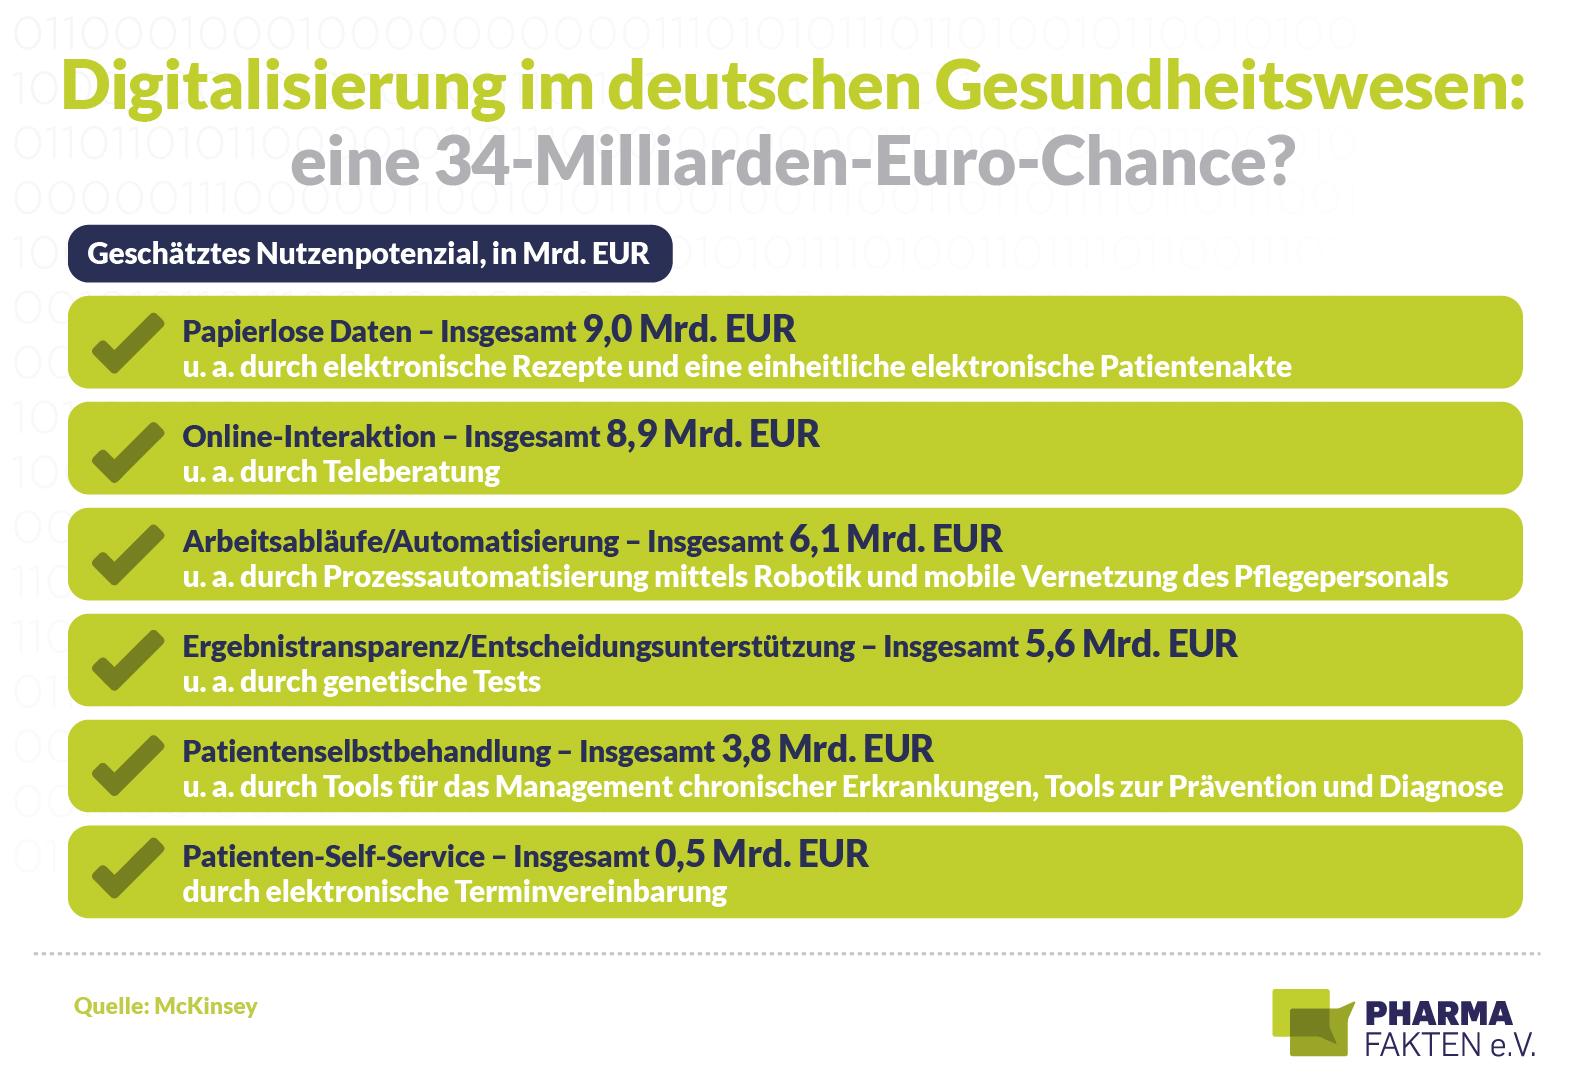 Digitalisierung im Gesundheitswesen: 34-Mrd-Euro-Chance